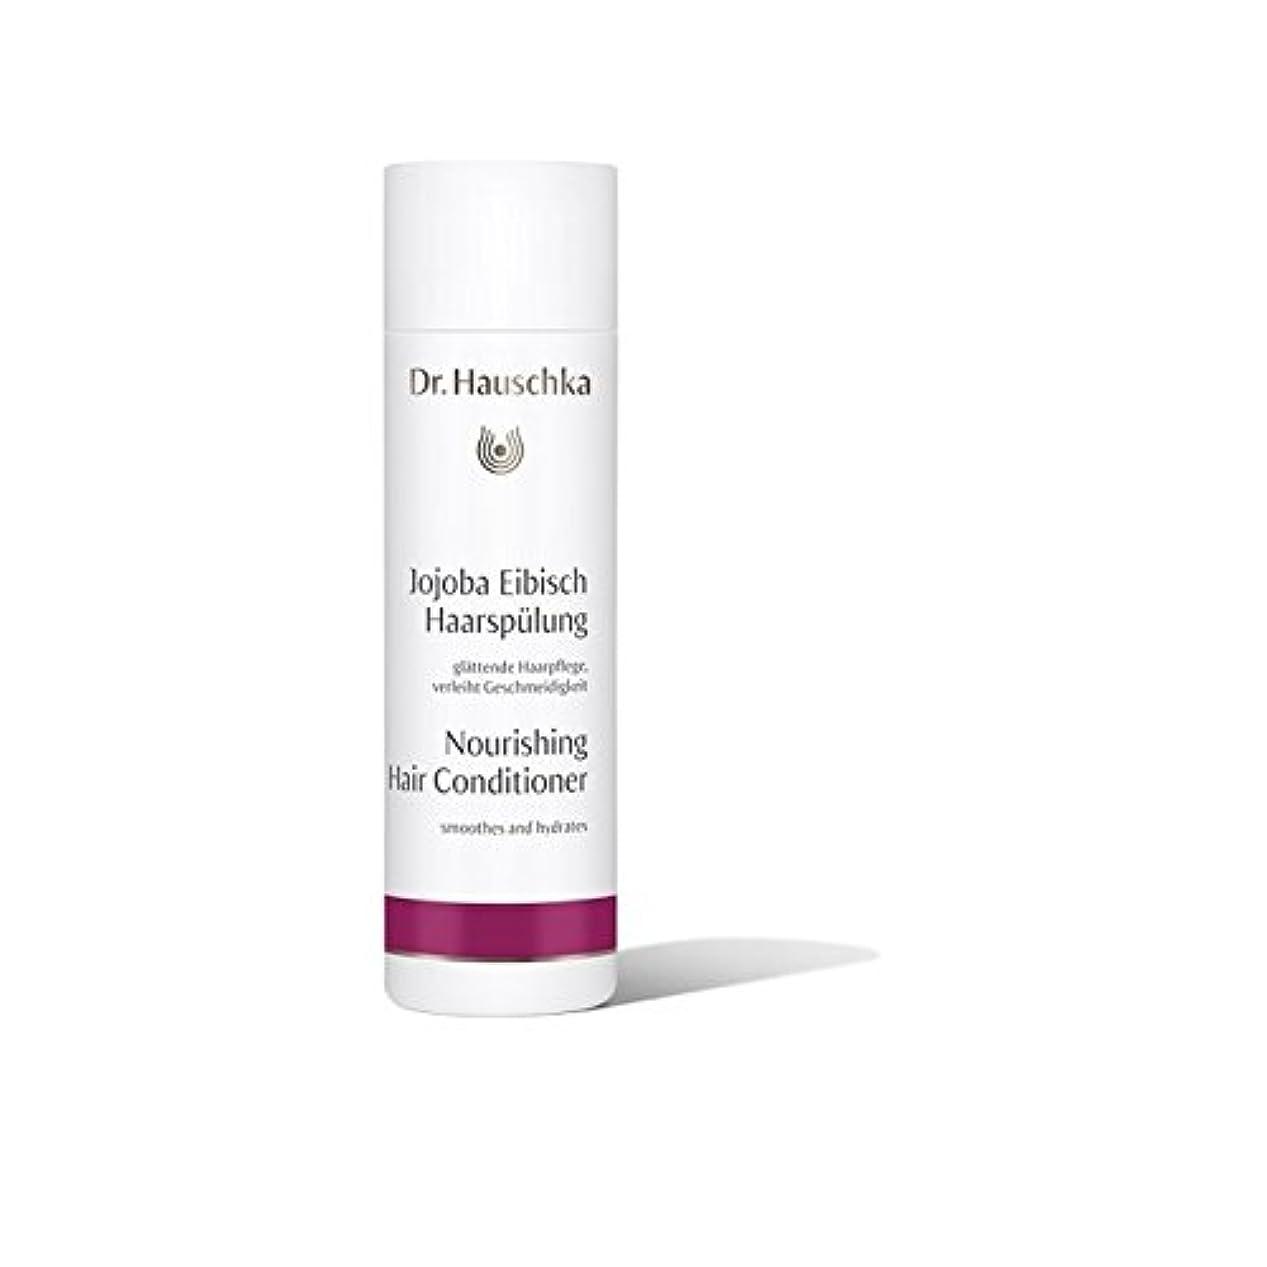 流暢耐えられる極めて重要なハウシュカ栄養ヘアコンディショナー(200ミリリットル) x2 - Dr. Hauschka Nourishing Hair Conditioner (200ml) (Pack of 2) [並行輸入品]